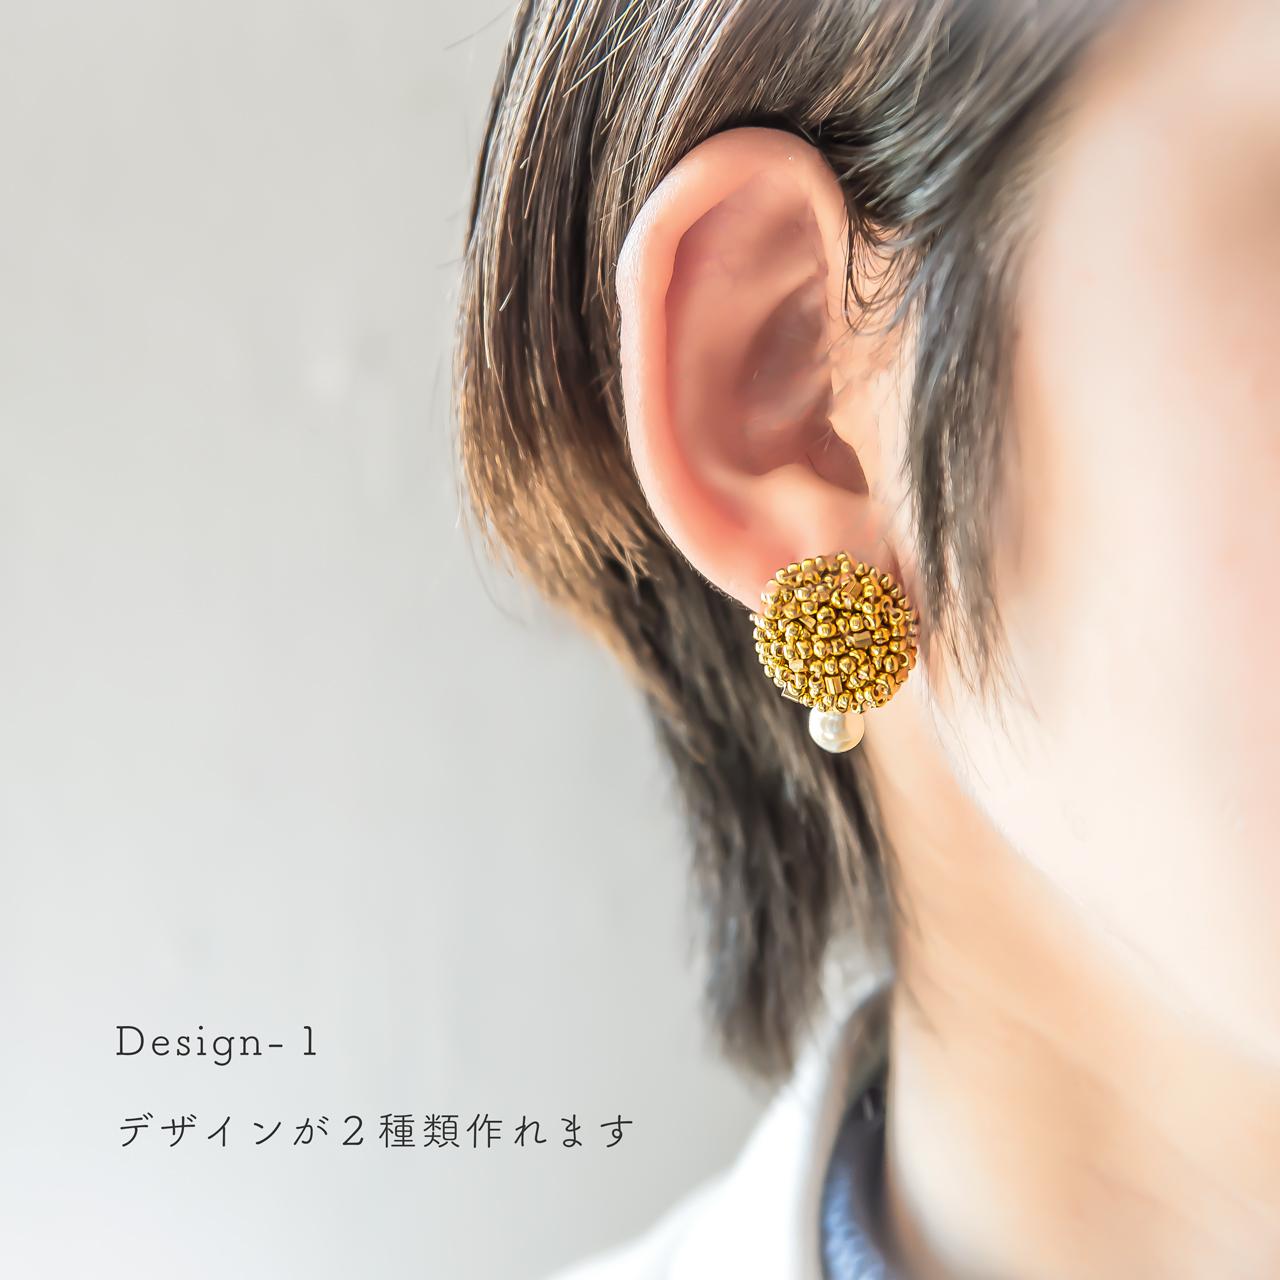 シンプルな金ビーズ刺繍のイヤリング